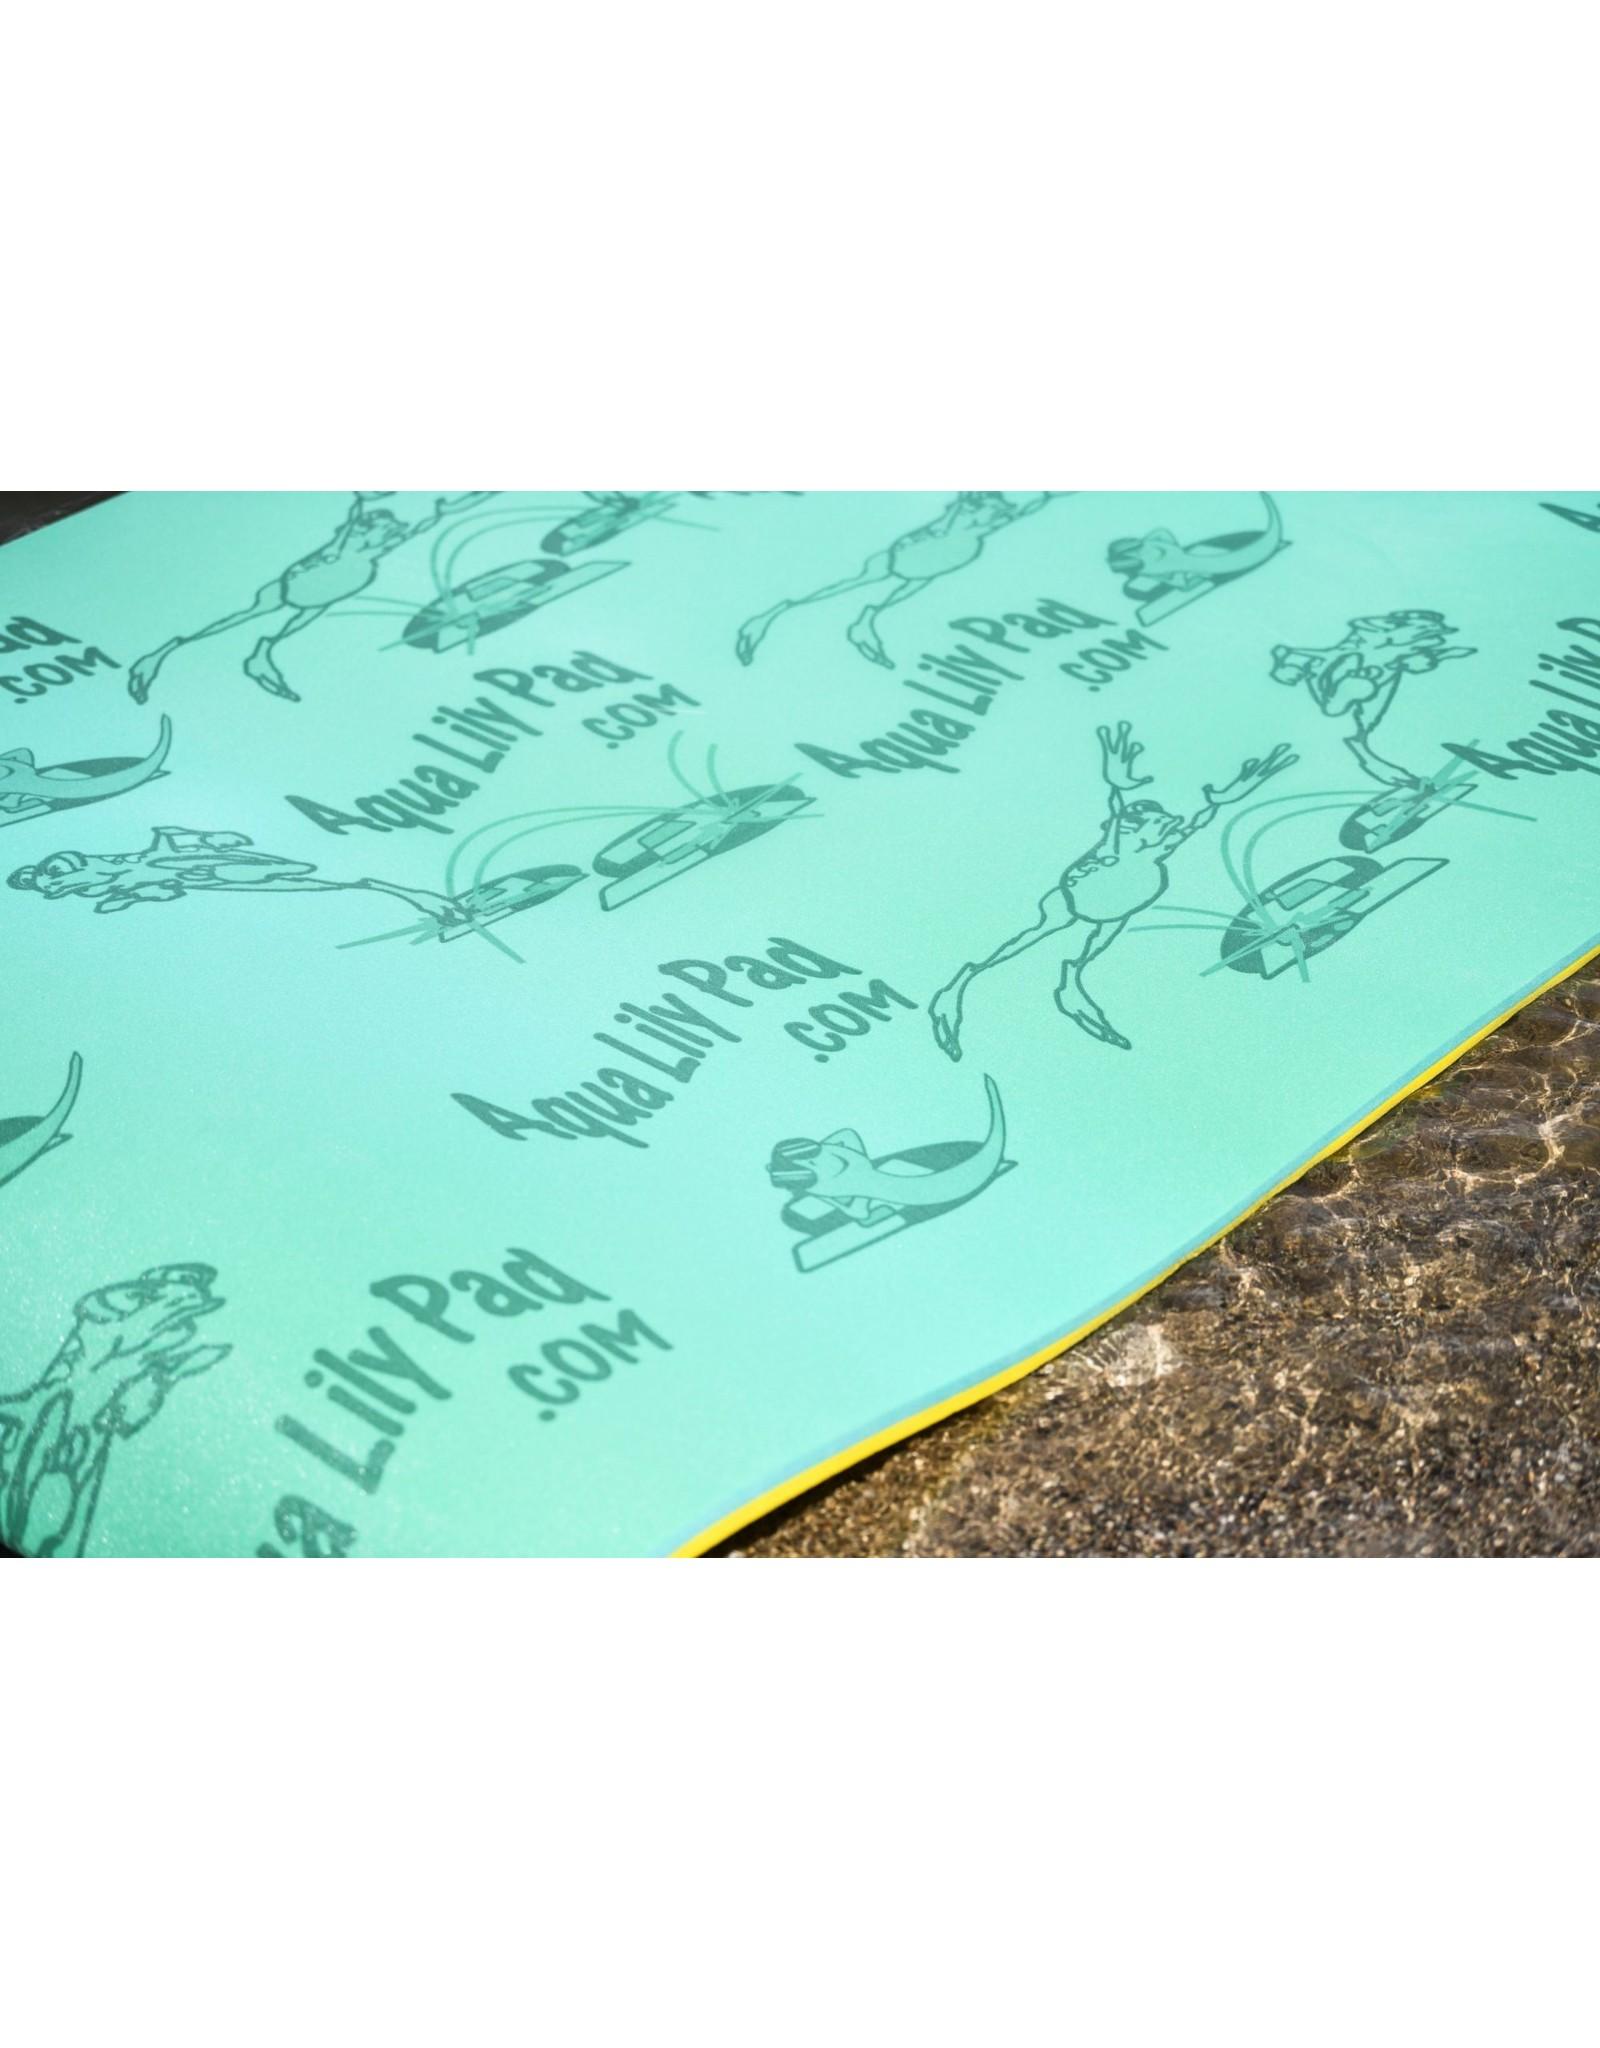 Aqua Lily Original Aqua Lily Pad 6' x 18'